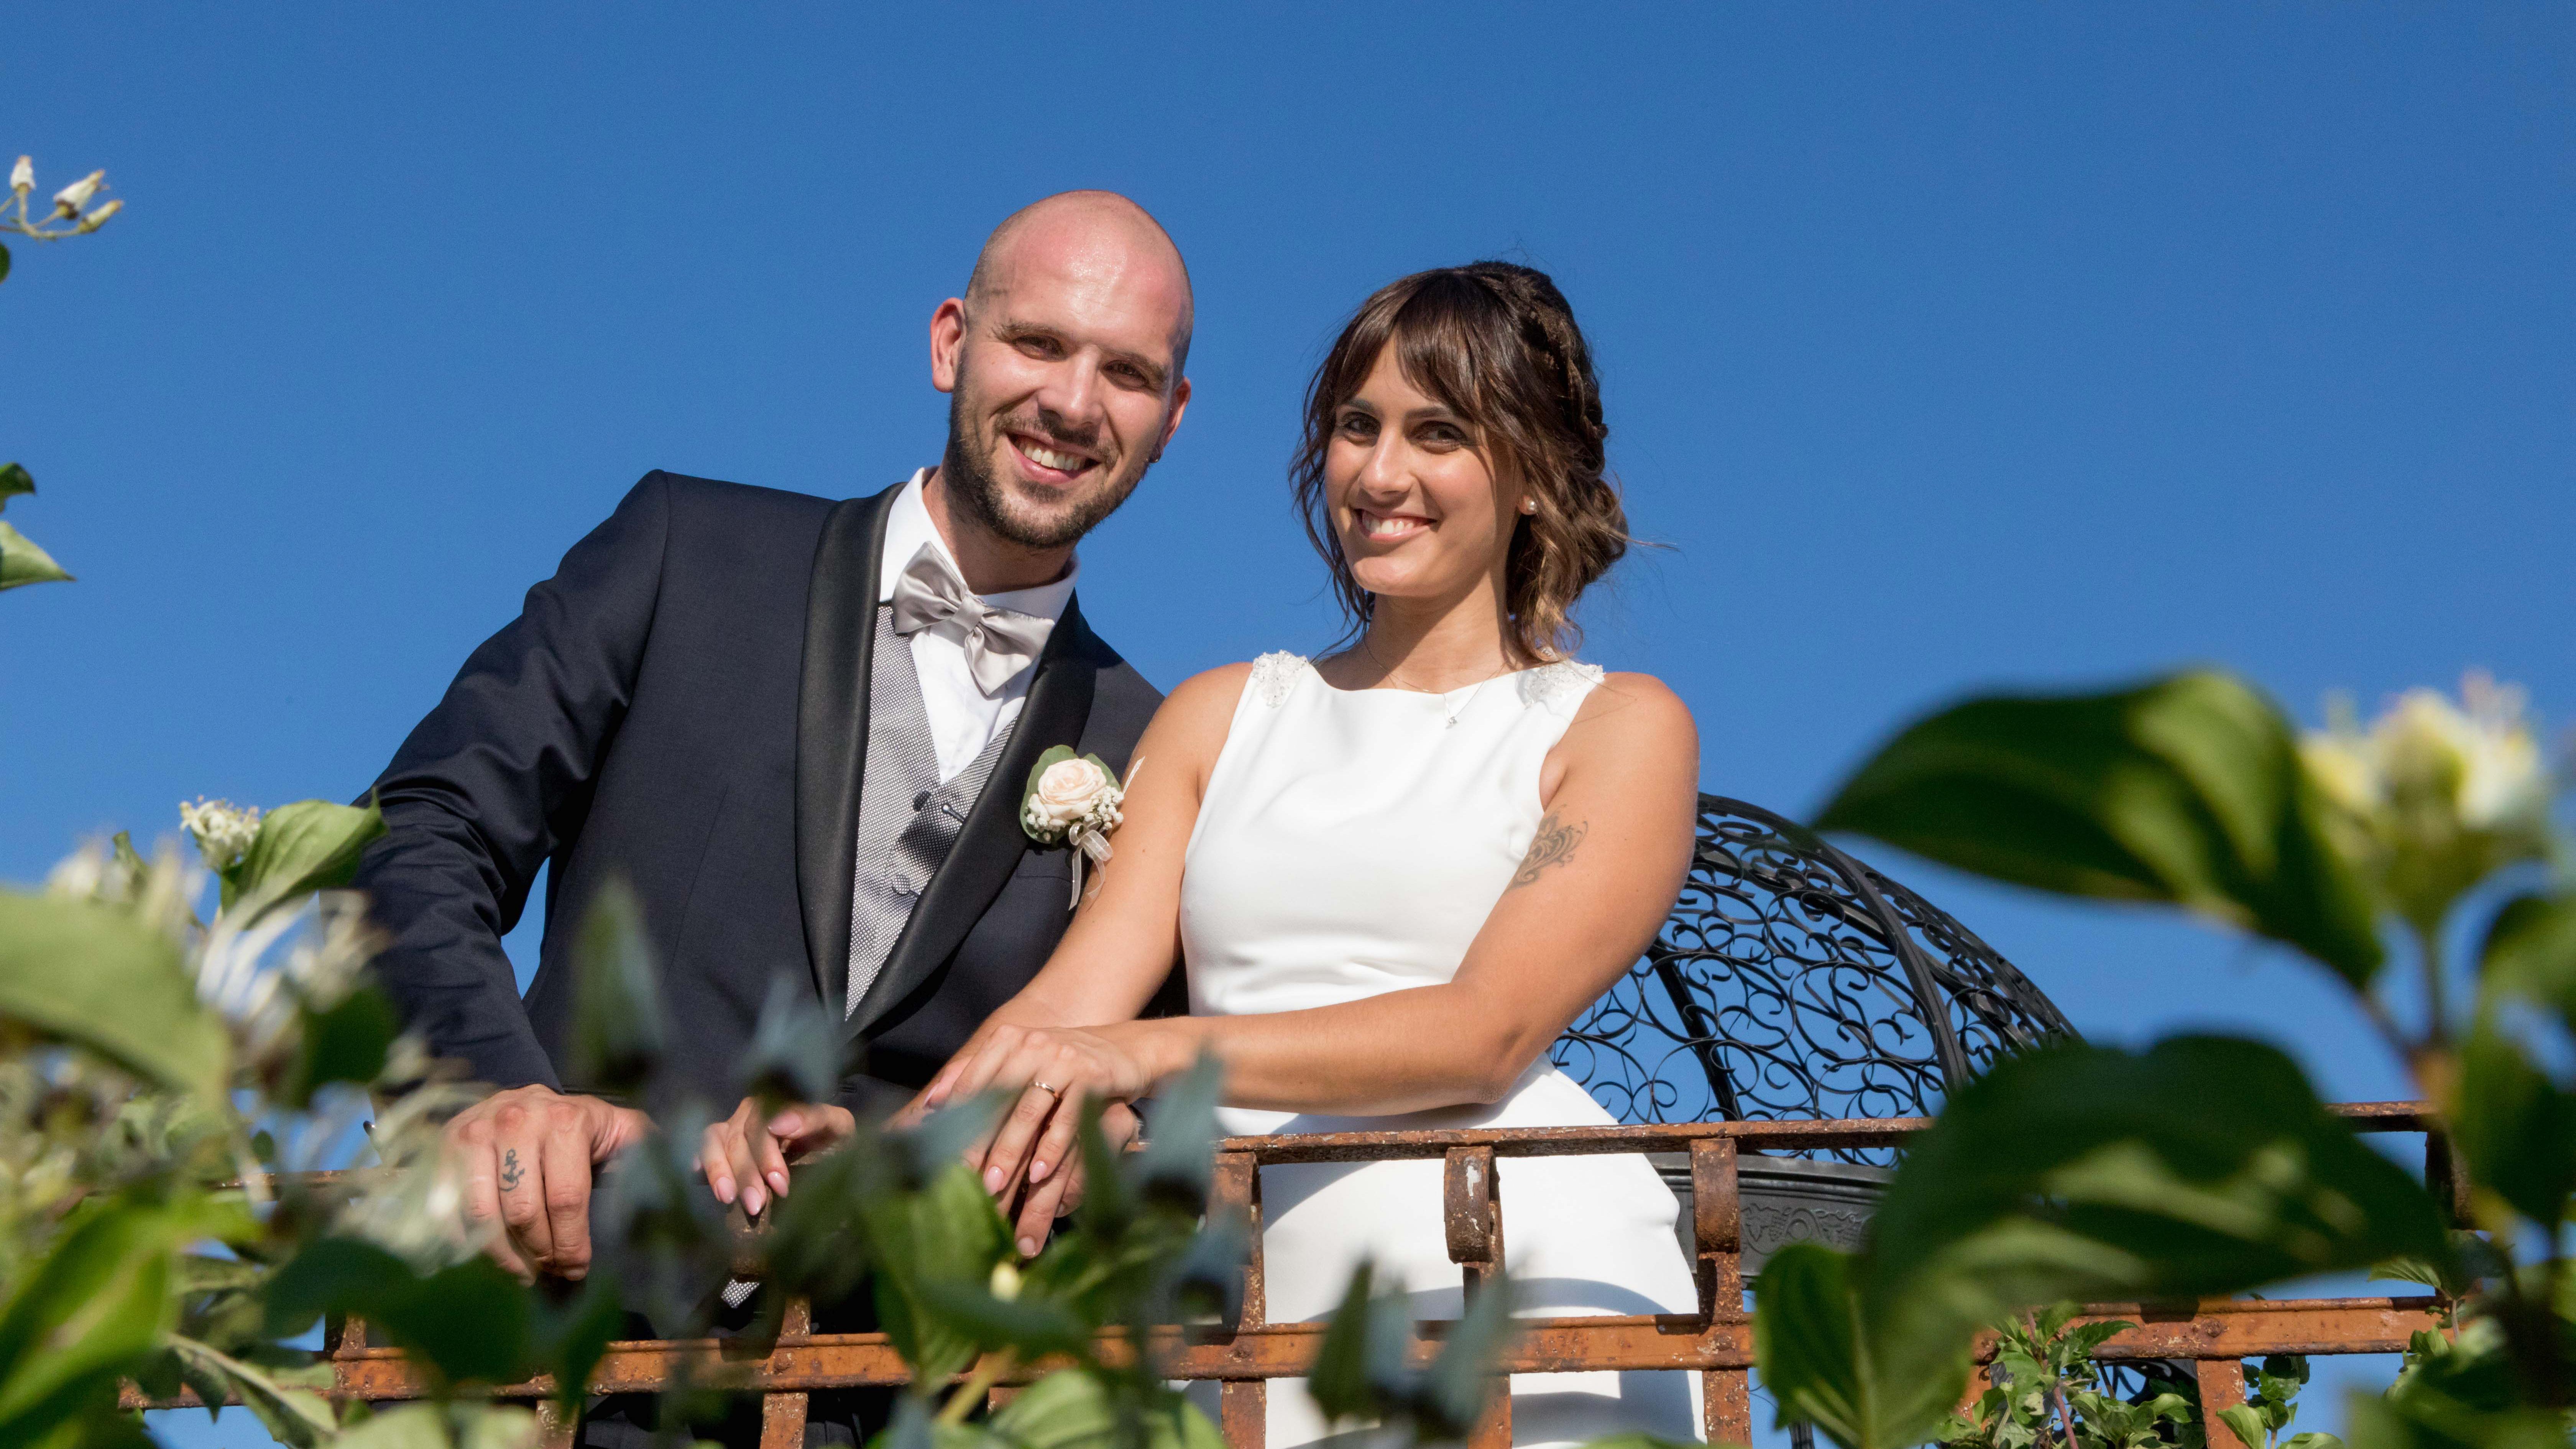 Matrimonio_Sito-33